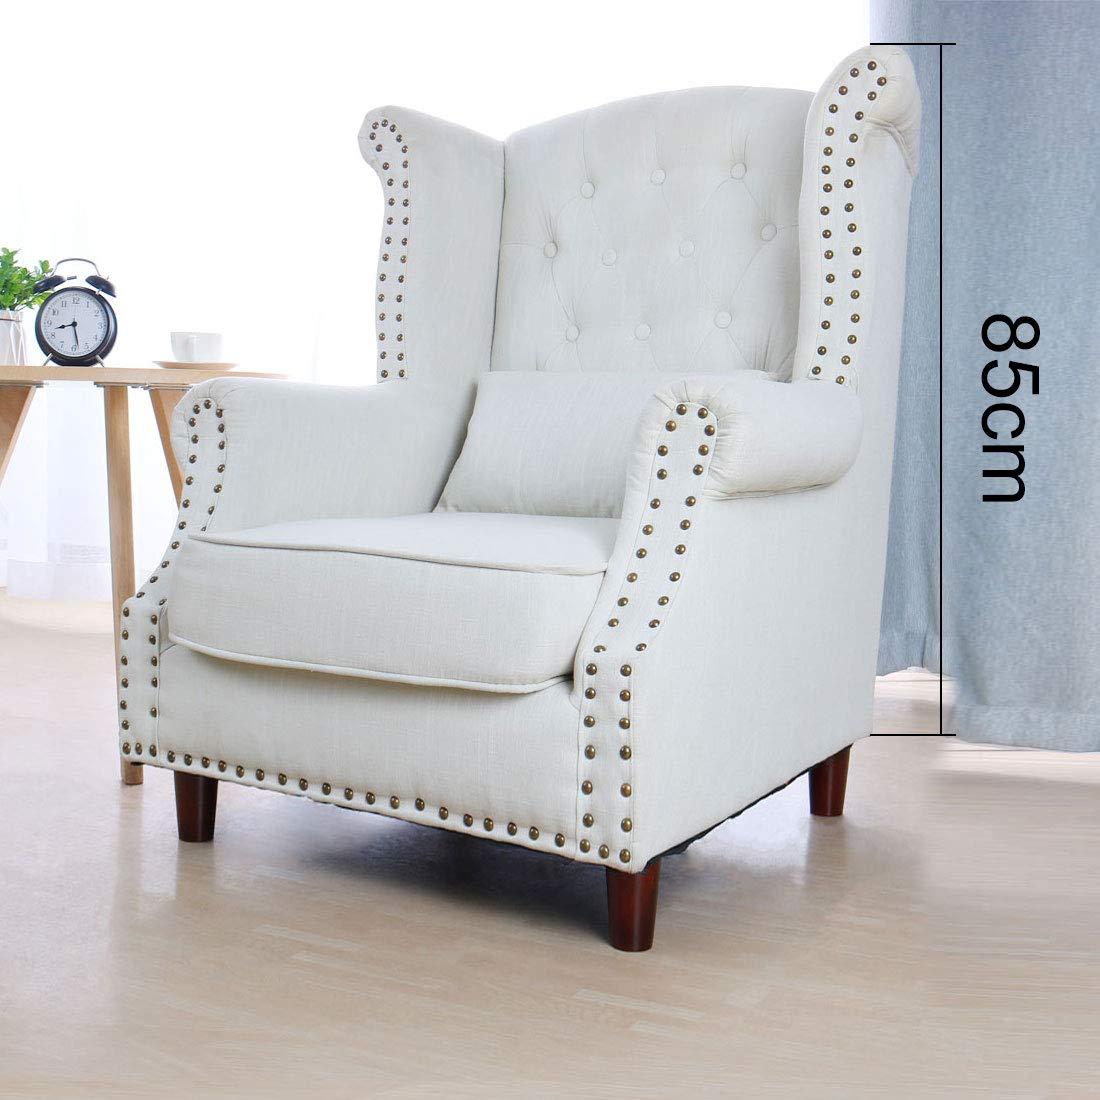 Sourcingmap - Patas redondas de madera maciza para muebles, sofás, sillas, camas, escritorios, armarios, patas de repuesto